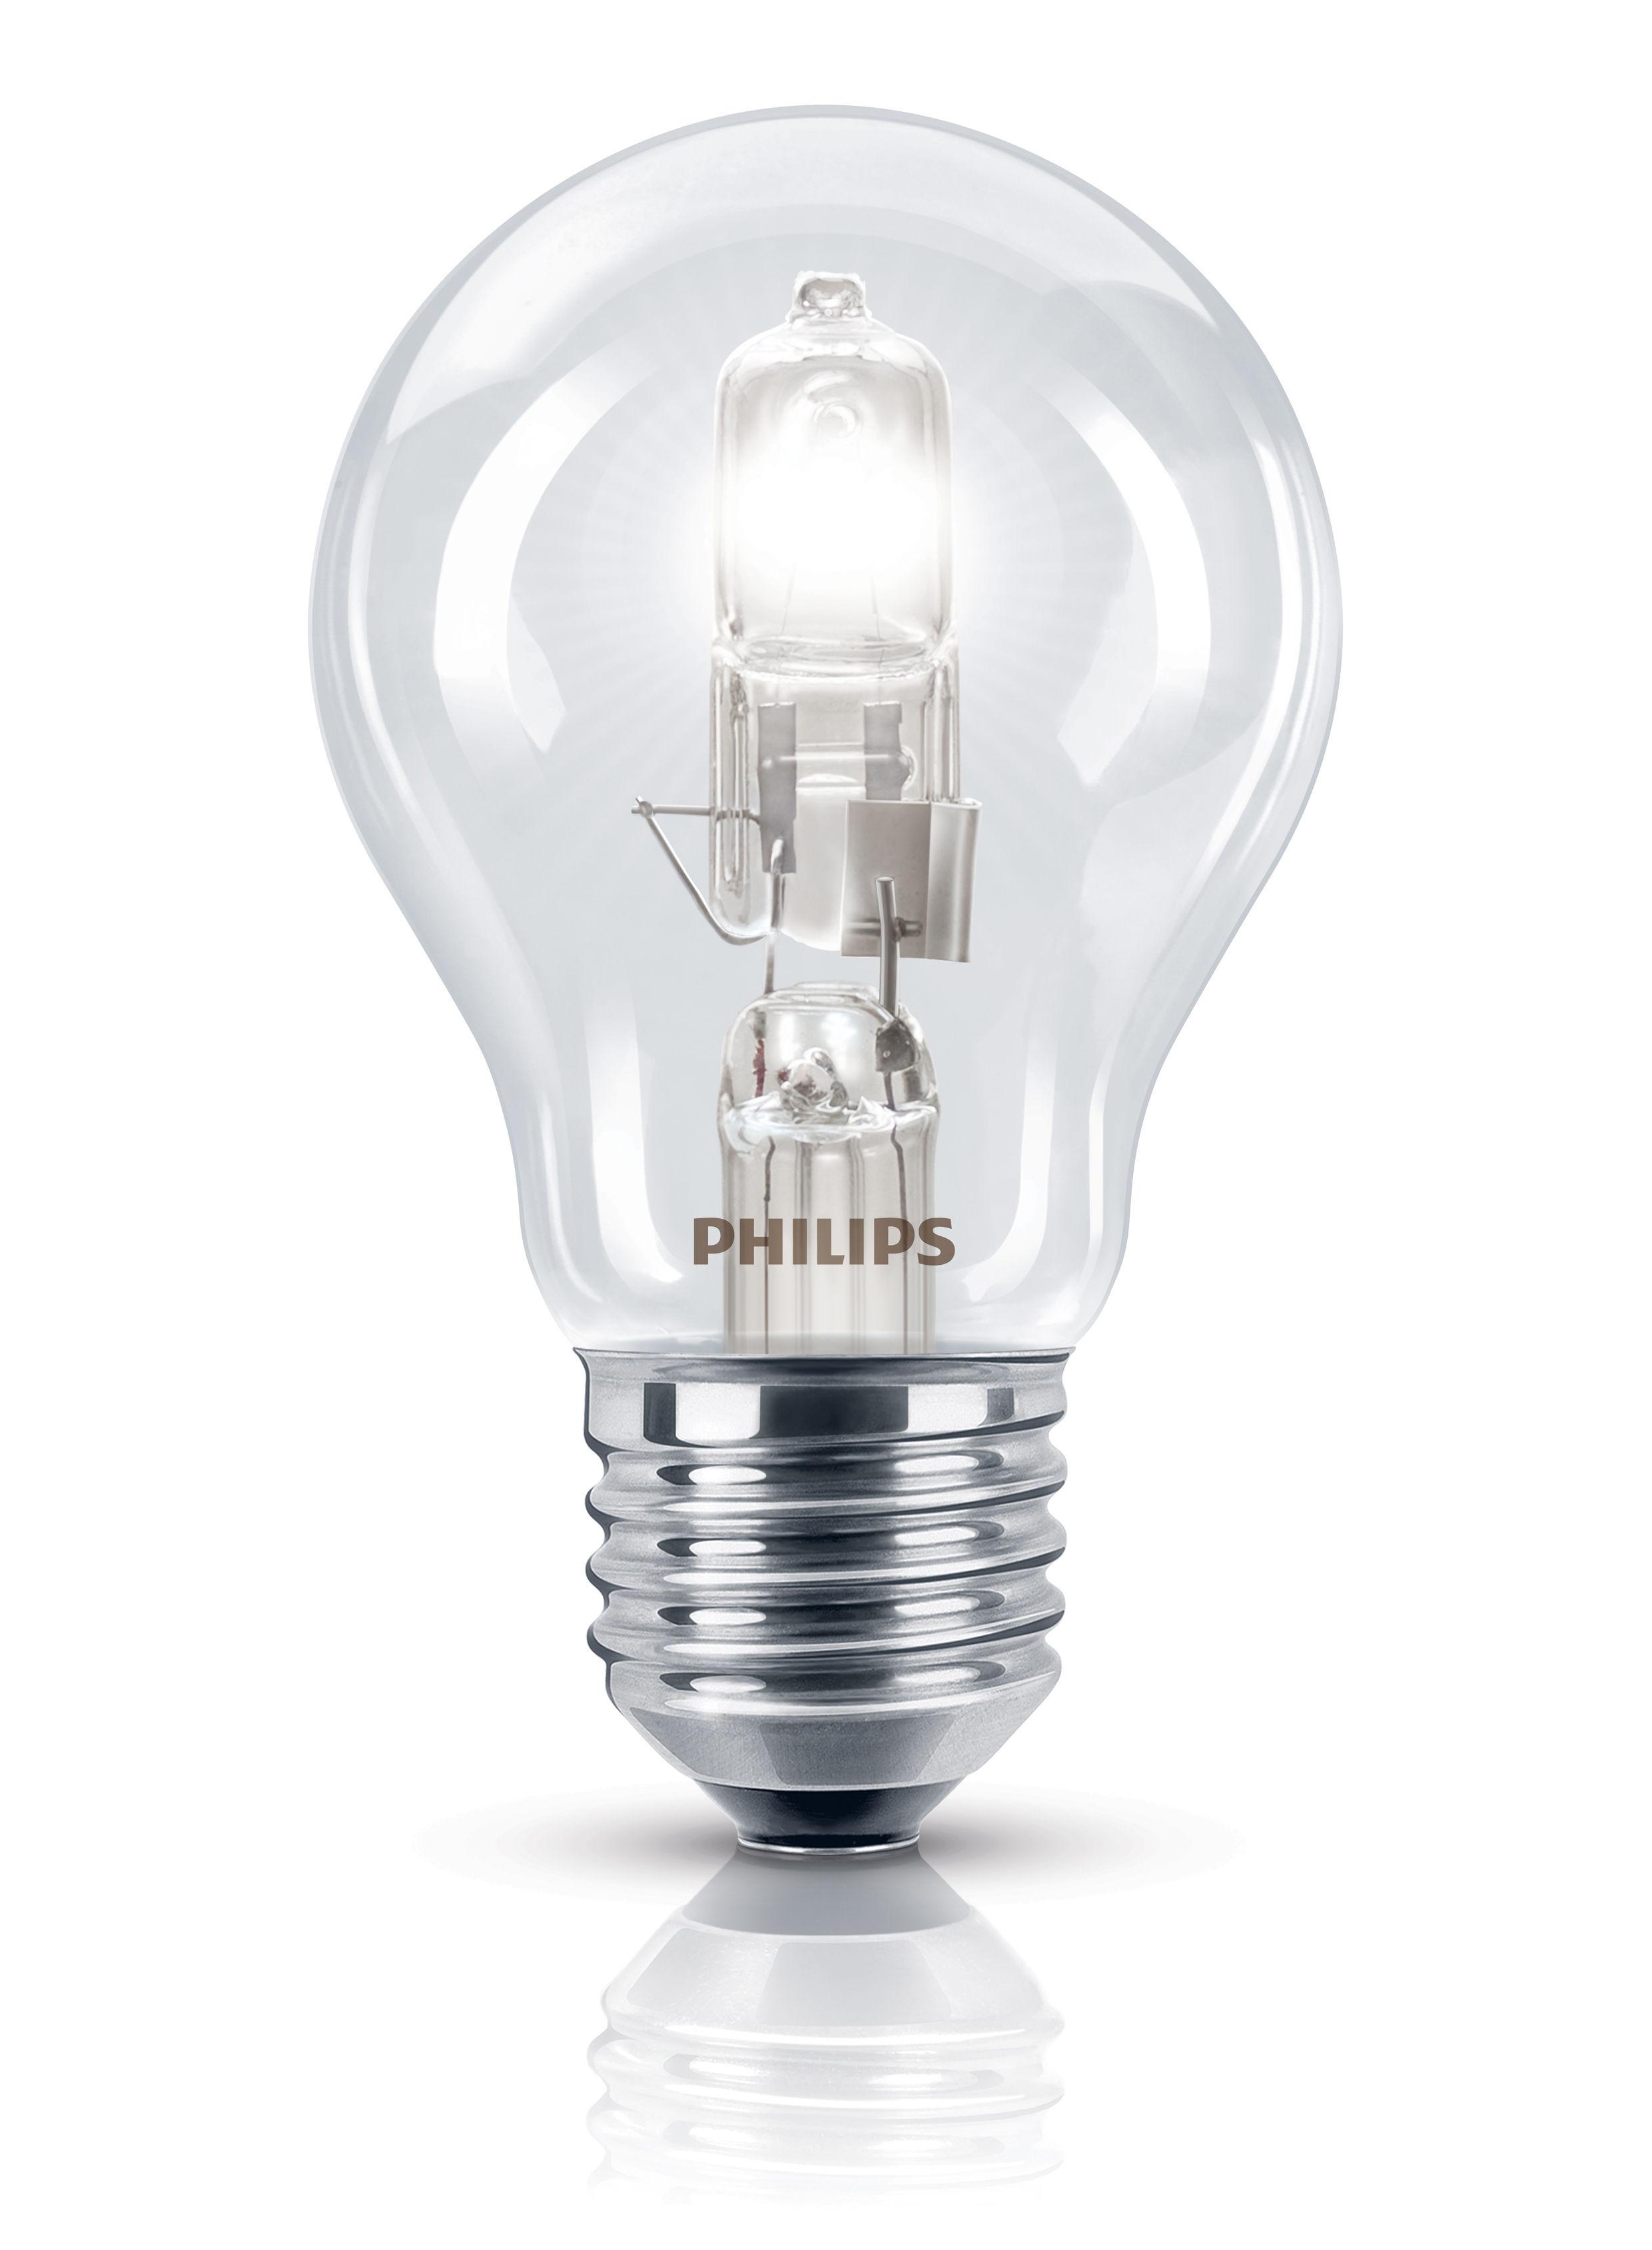 Luminaire - Ampoules et accessoires - Ampoule Eco-halogène E27 EcoClassic Standard / 53W (70W) - 850 lumen - Philips - 53W (70W) - Métal, Verre